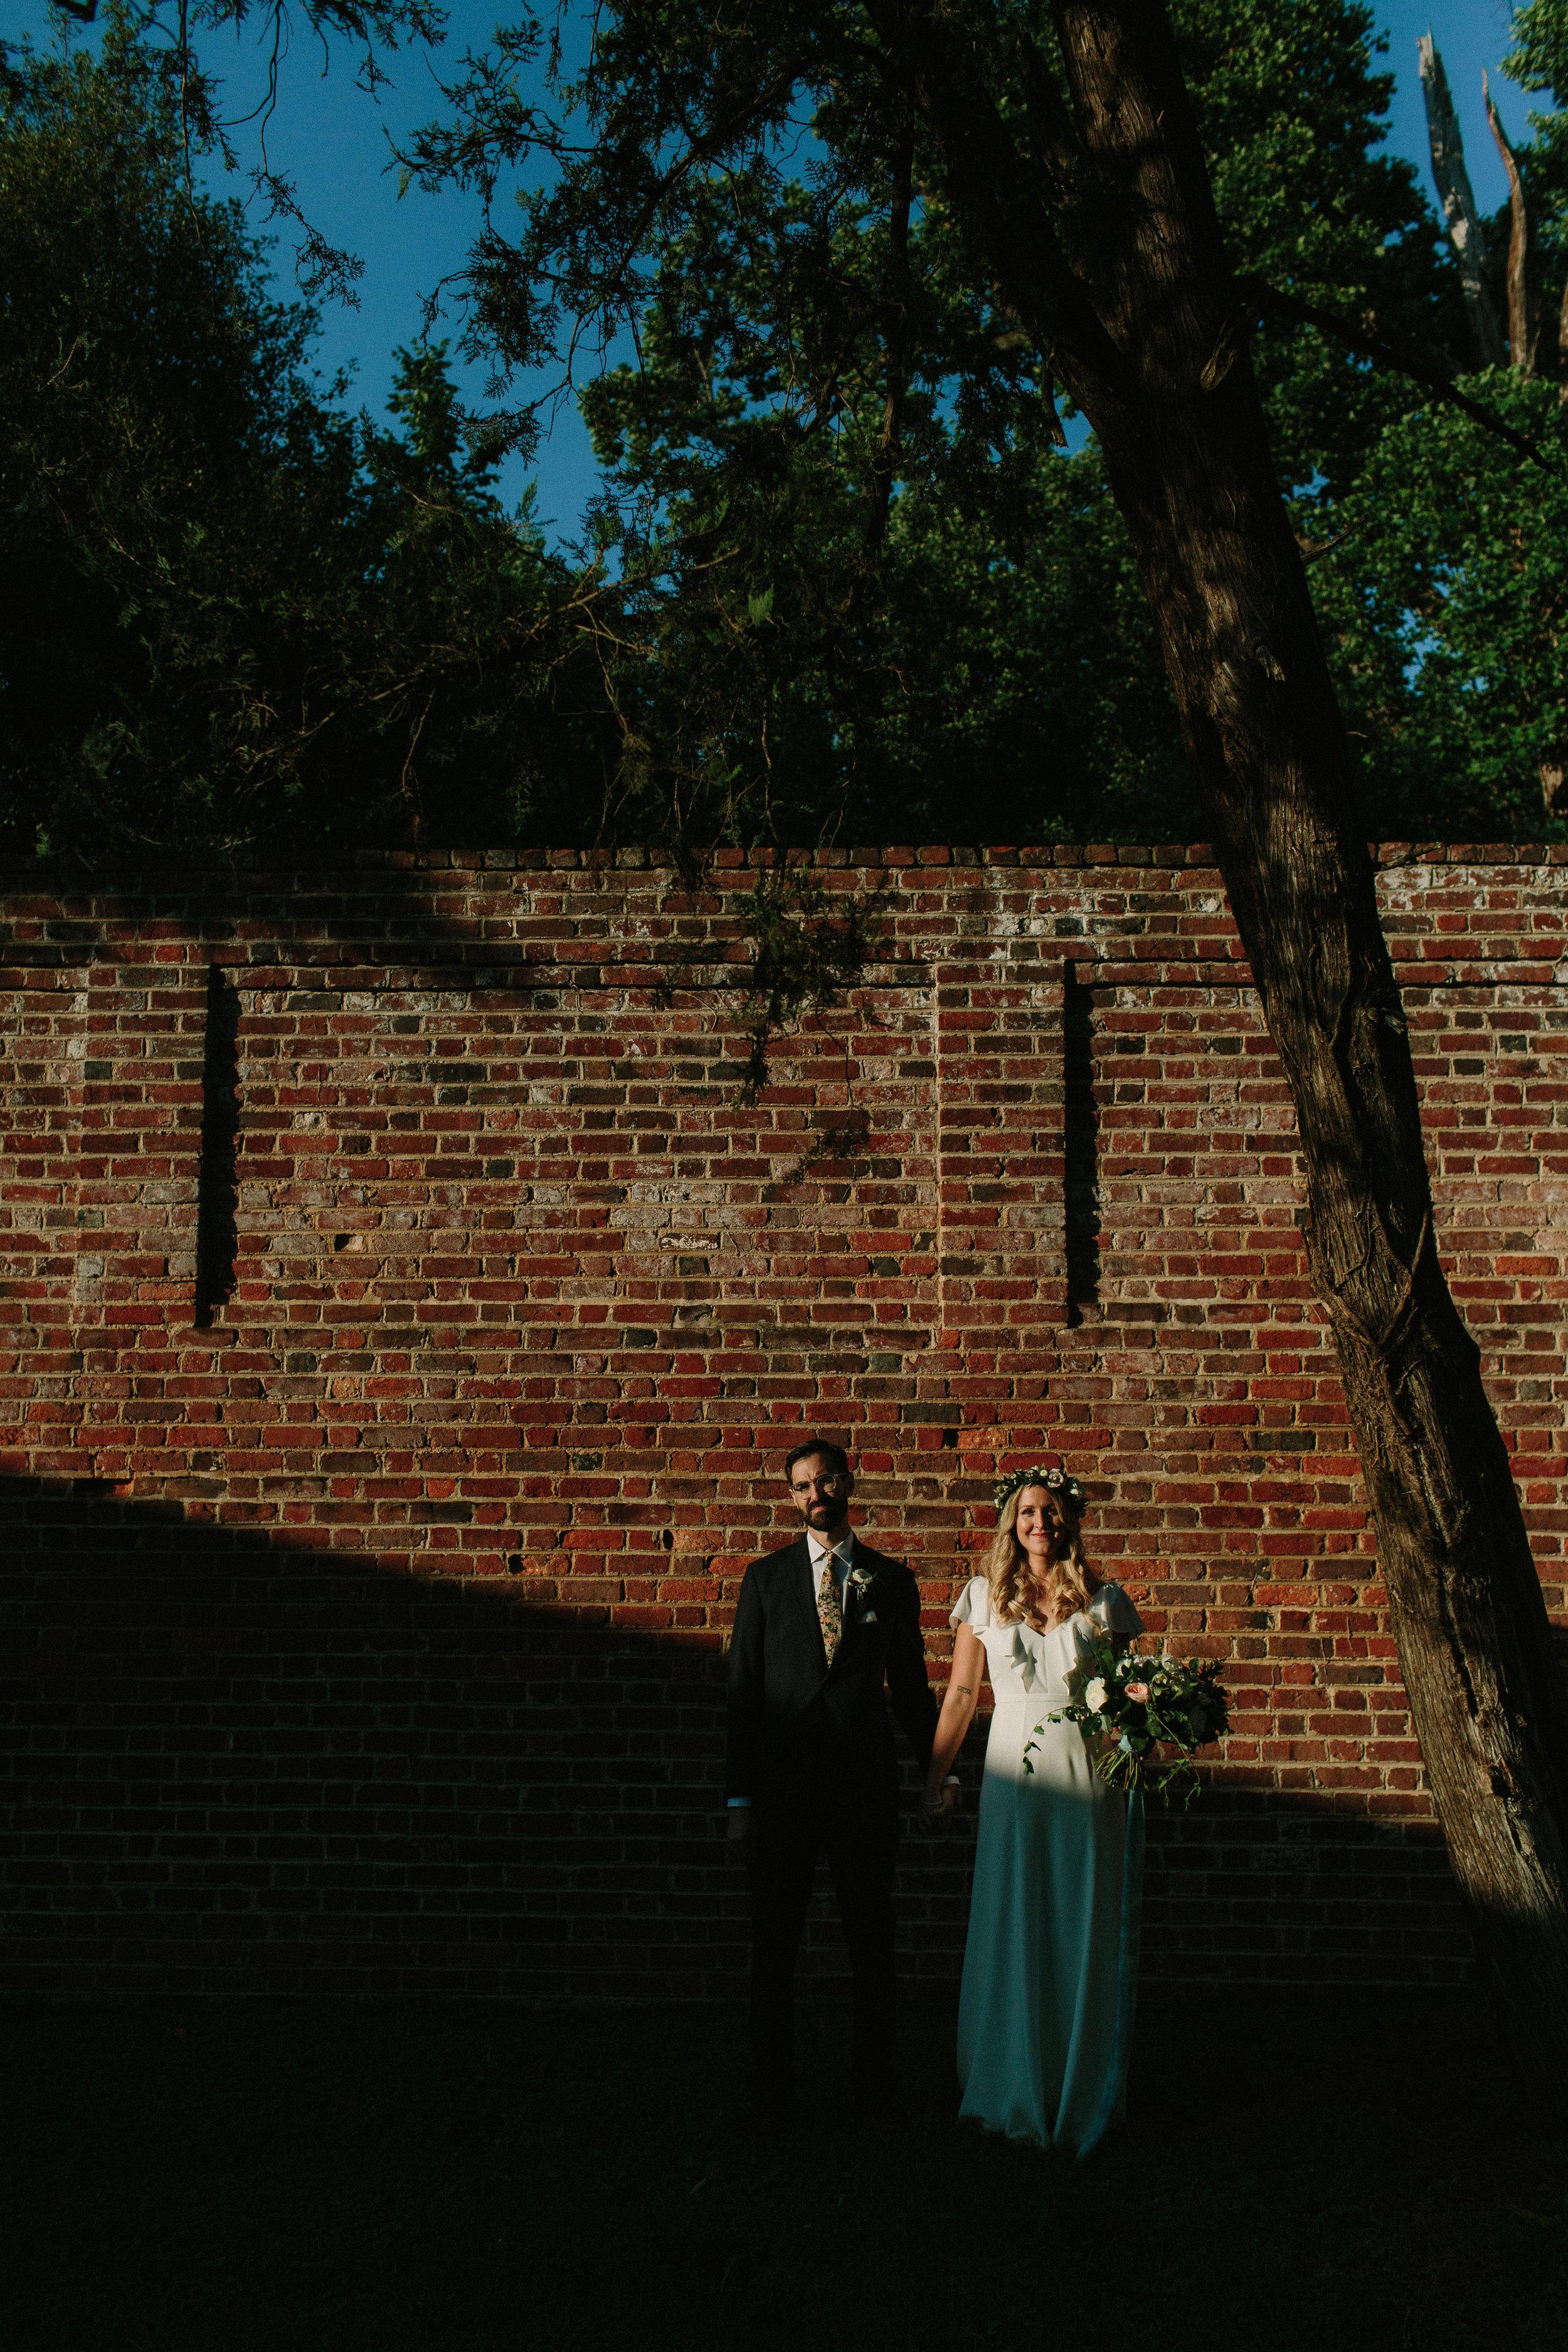 16 05 14 Molly Johnny Wedding Photos-Molly Johnny Wedding Photos-0444.jpg